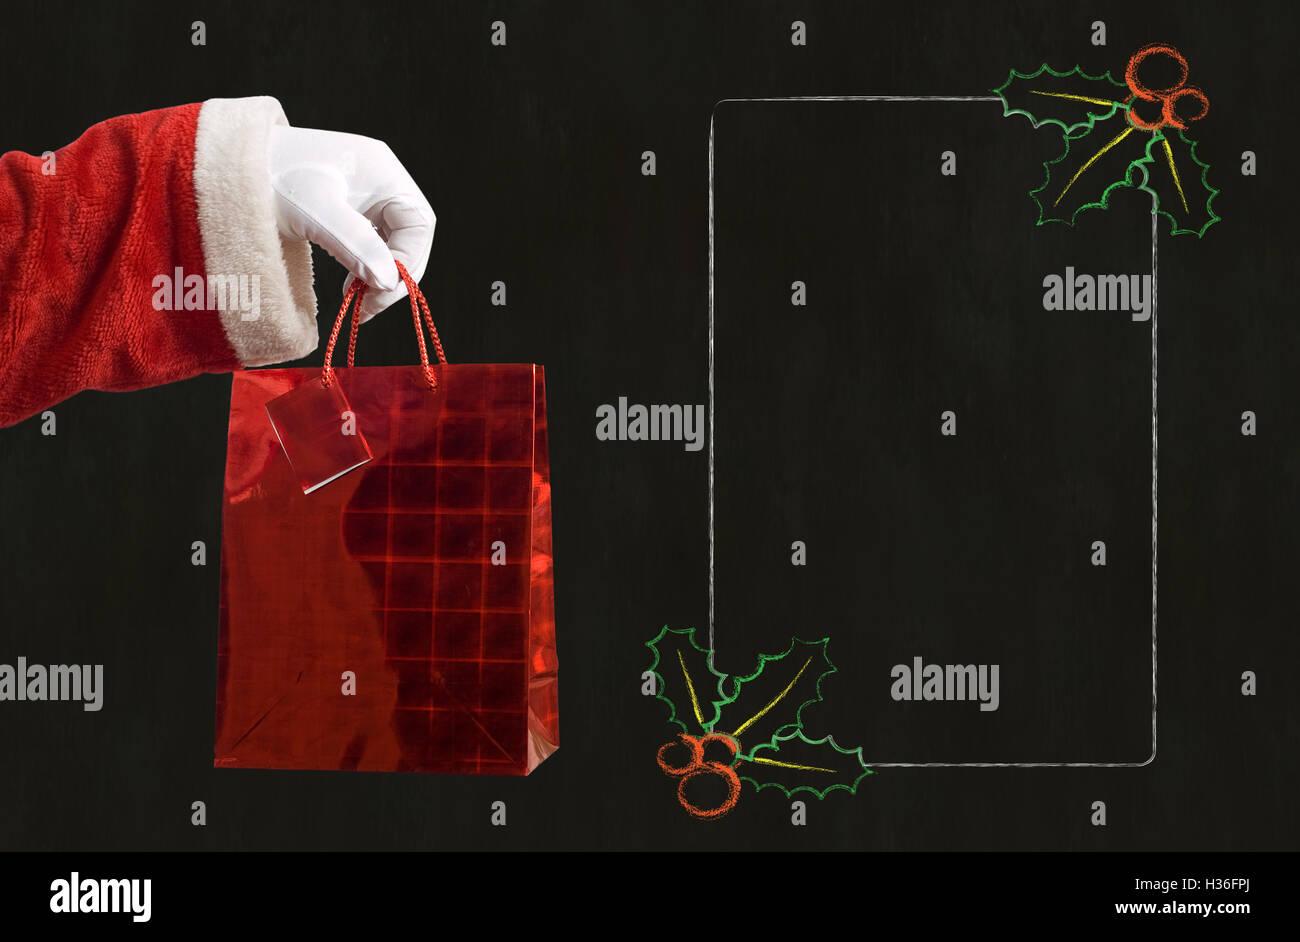 Vater Weihnachtsgeschenk und Notizen Stockfoto, Bild: 122460650 - Alamy